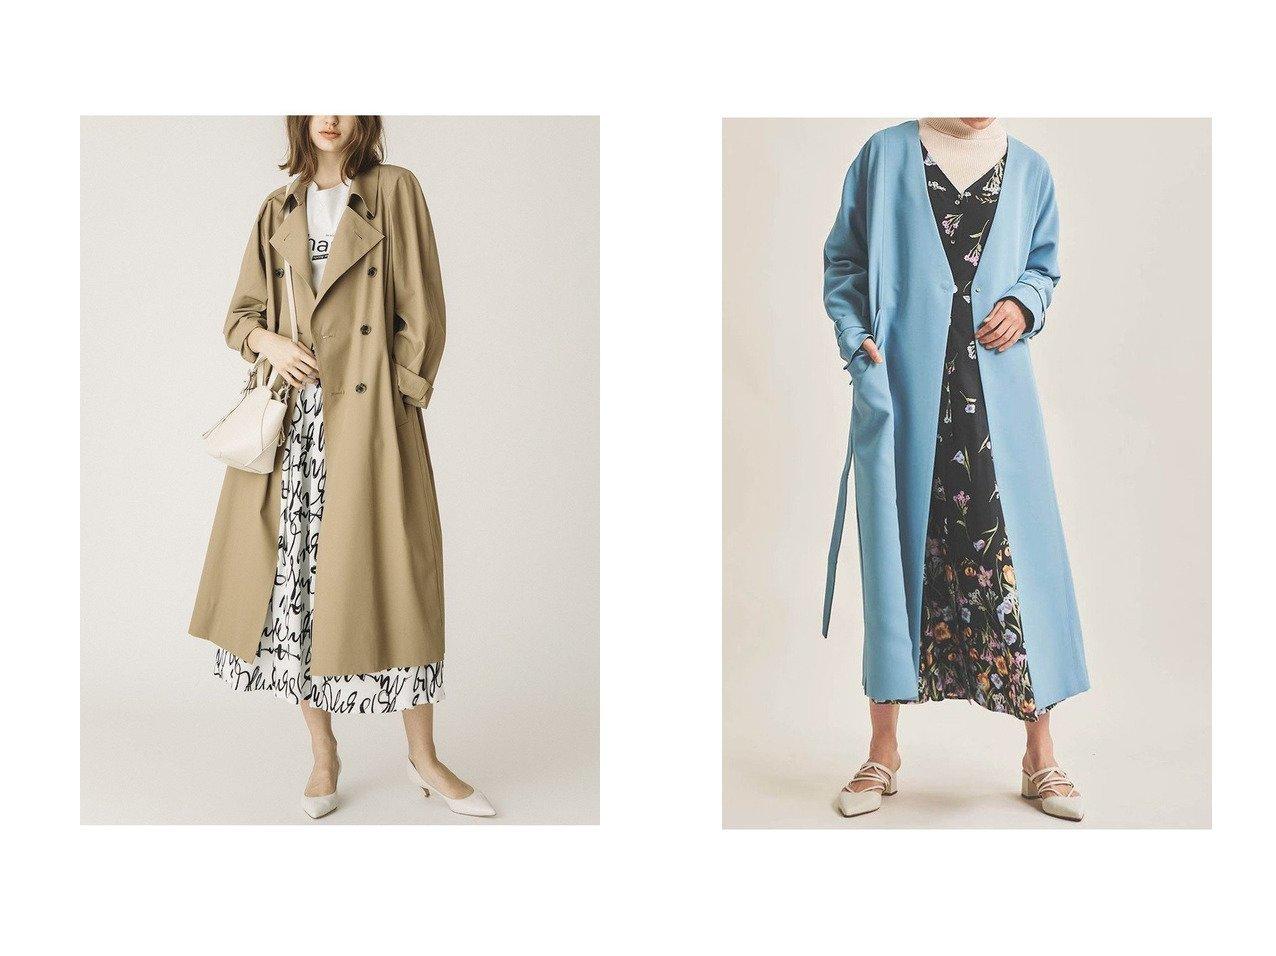 【The Virgnia/ザ ヴァージニア】のスプリングカラーガウンコート&【allureville/アルアバイル】のハイツイストツイルトレンチコート アウターのおすすめ!人気、トレンド・レディースファッションの通販  おすすめで人気の流行・トレンド、ファッションの通販商品 メンズファッション・キッズファッション・インテリア・家具・レディースファッション・服の通販 founy(ファニー) https://founy.com/ ファッション Fashion レディースファッション WOMEN アウター Coat Outerwear コート Coats トレンチコート Trench Coats 2020年 2020 2020-2021 秋冬 A/W AW Autumn/Winter / FW Fall-Winter 2020-2021 2021年 2021 2021 春夏 S/S SS Spring/Summer 2021 バランス フェミニン ロング 春 A/W 秋冬 AW Autumn/Winter / FW Fall-Winter |ID:crp329100000010065